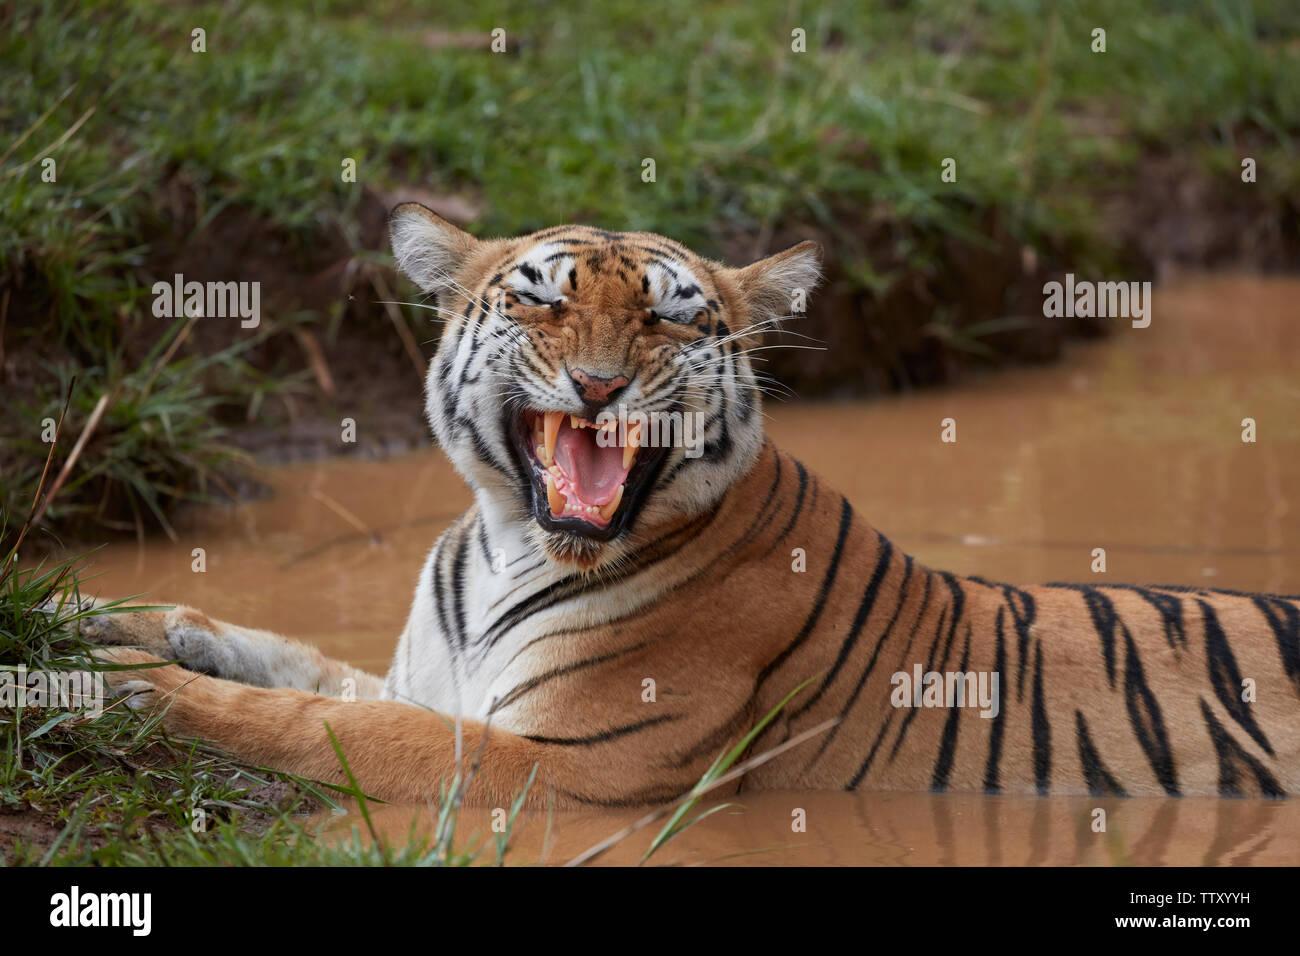 Bengal Tigress Maya at Tadoba forest, India. - Stock Image